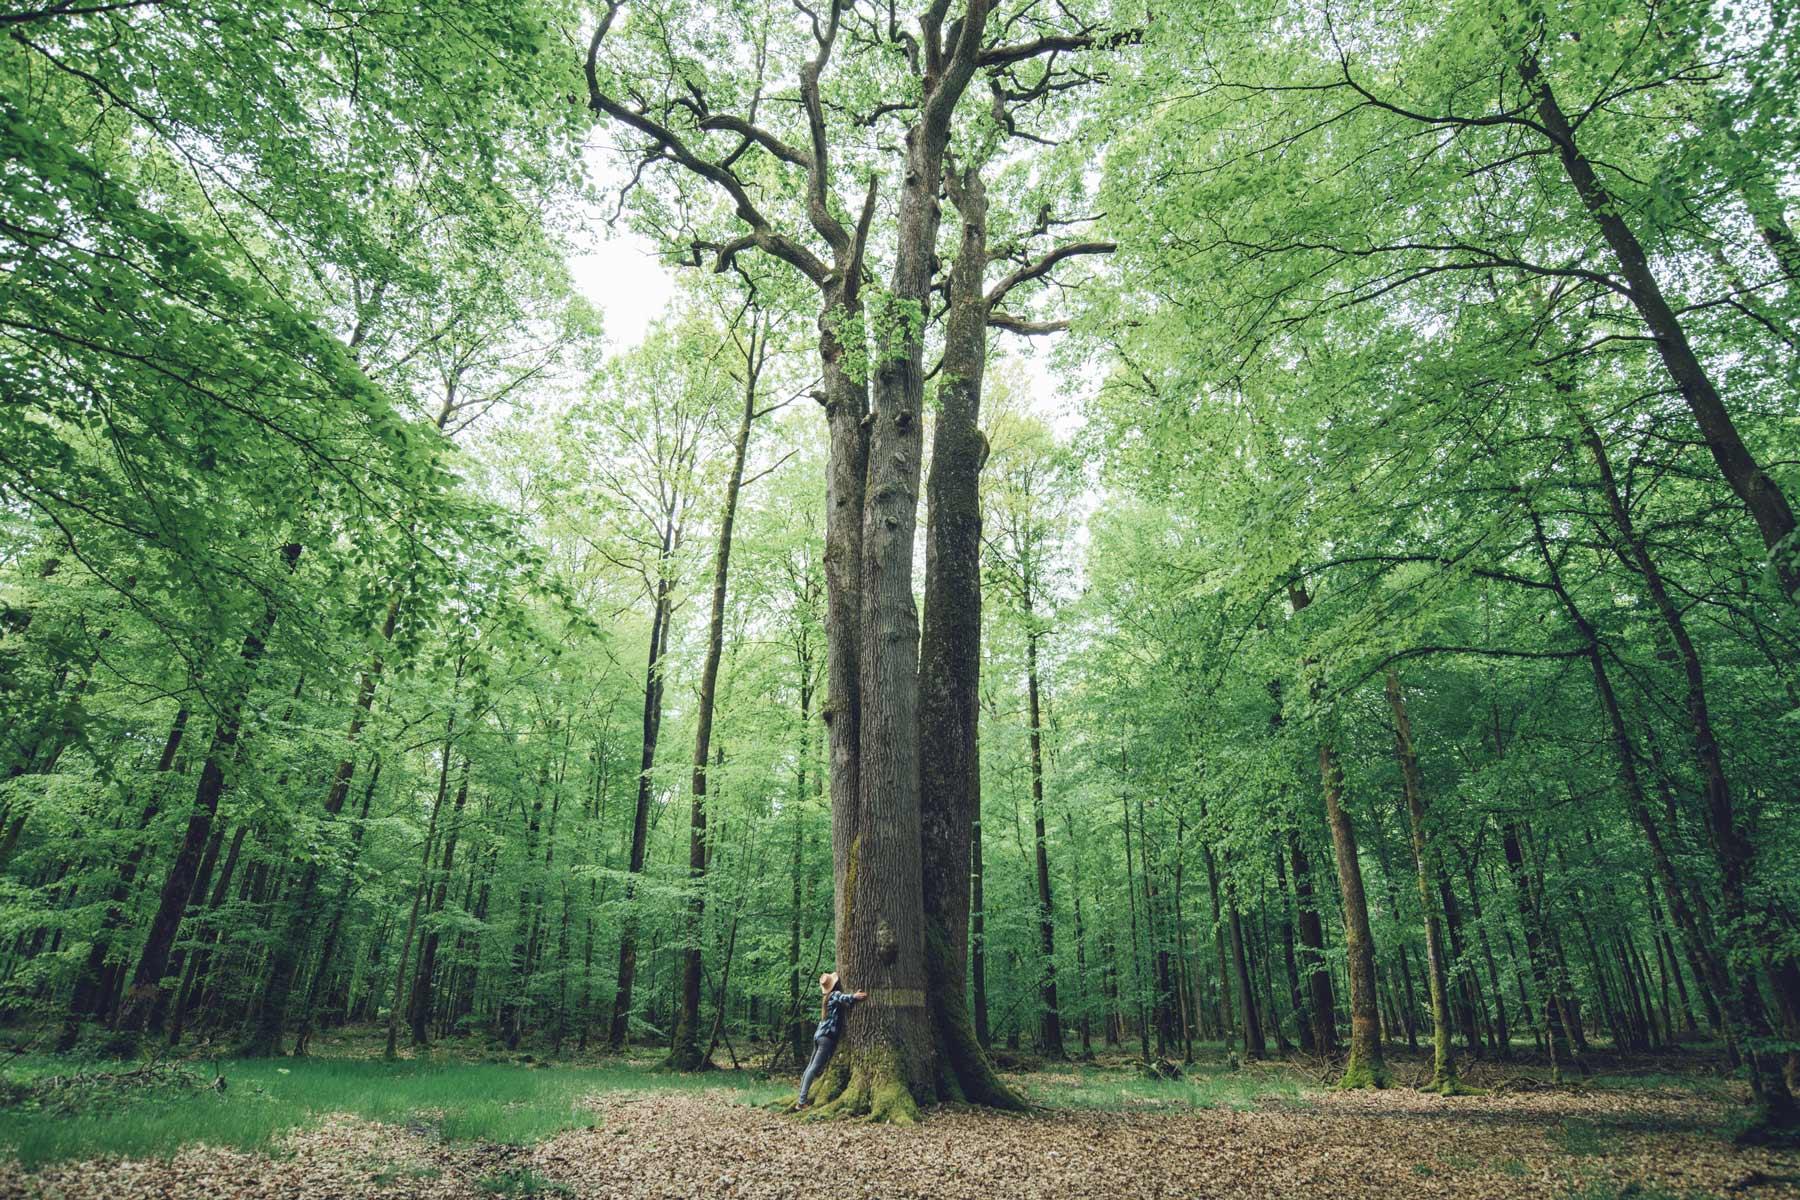 Chêne Les trois frères, Forêt de Senonche, Eure et Loir